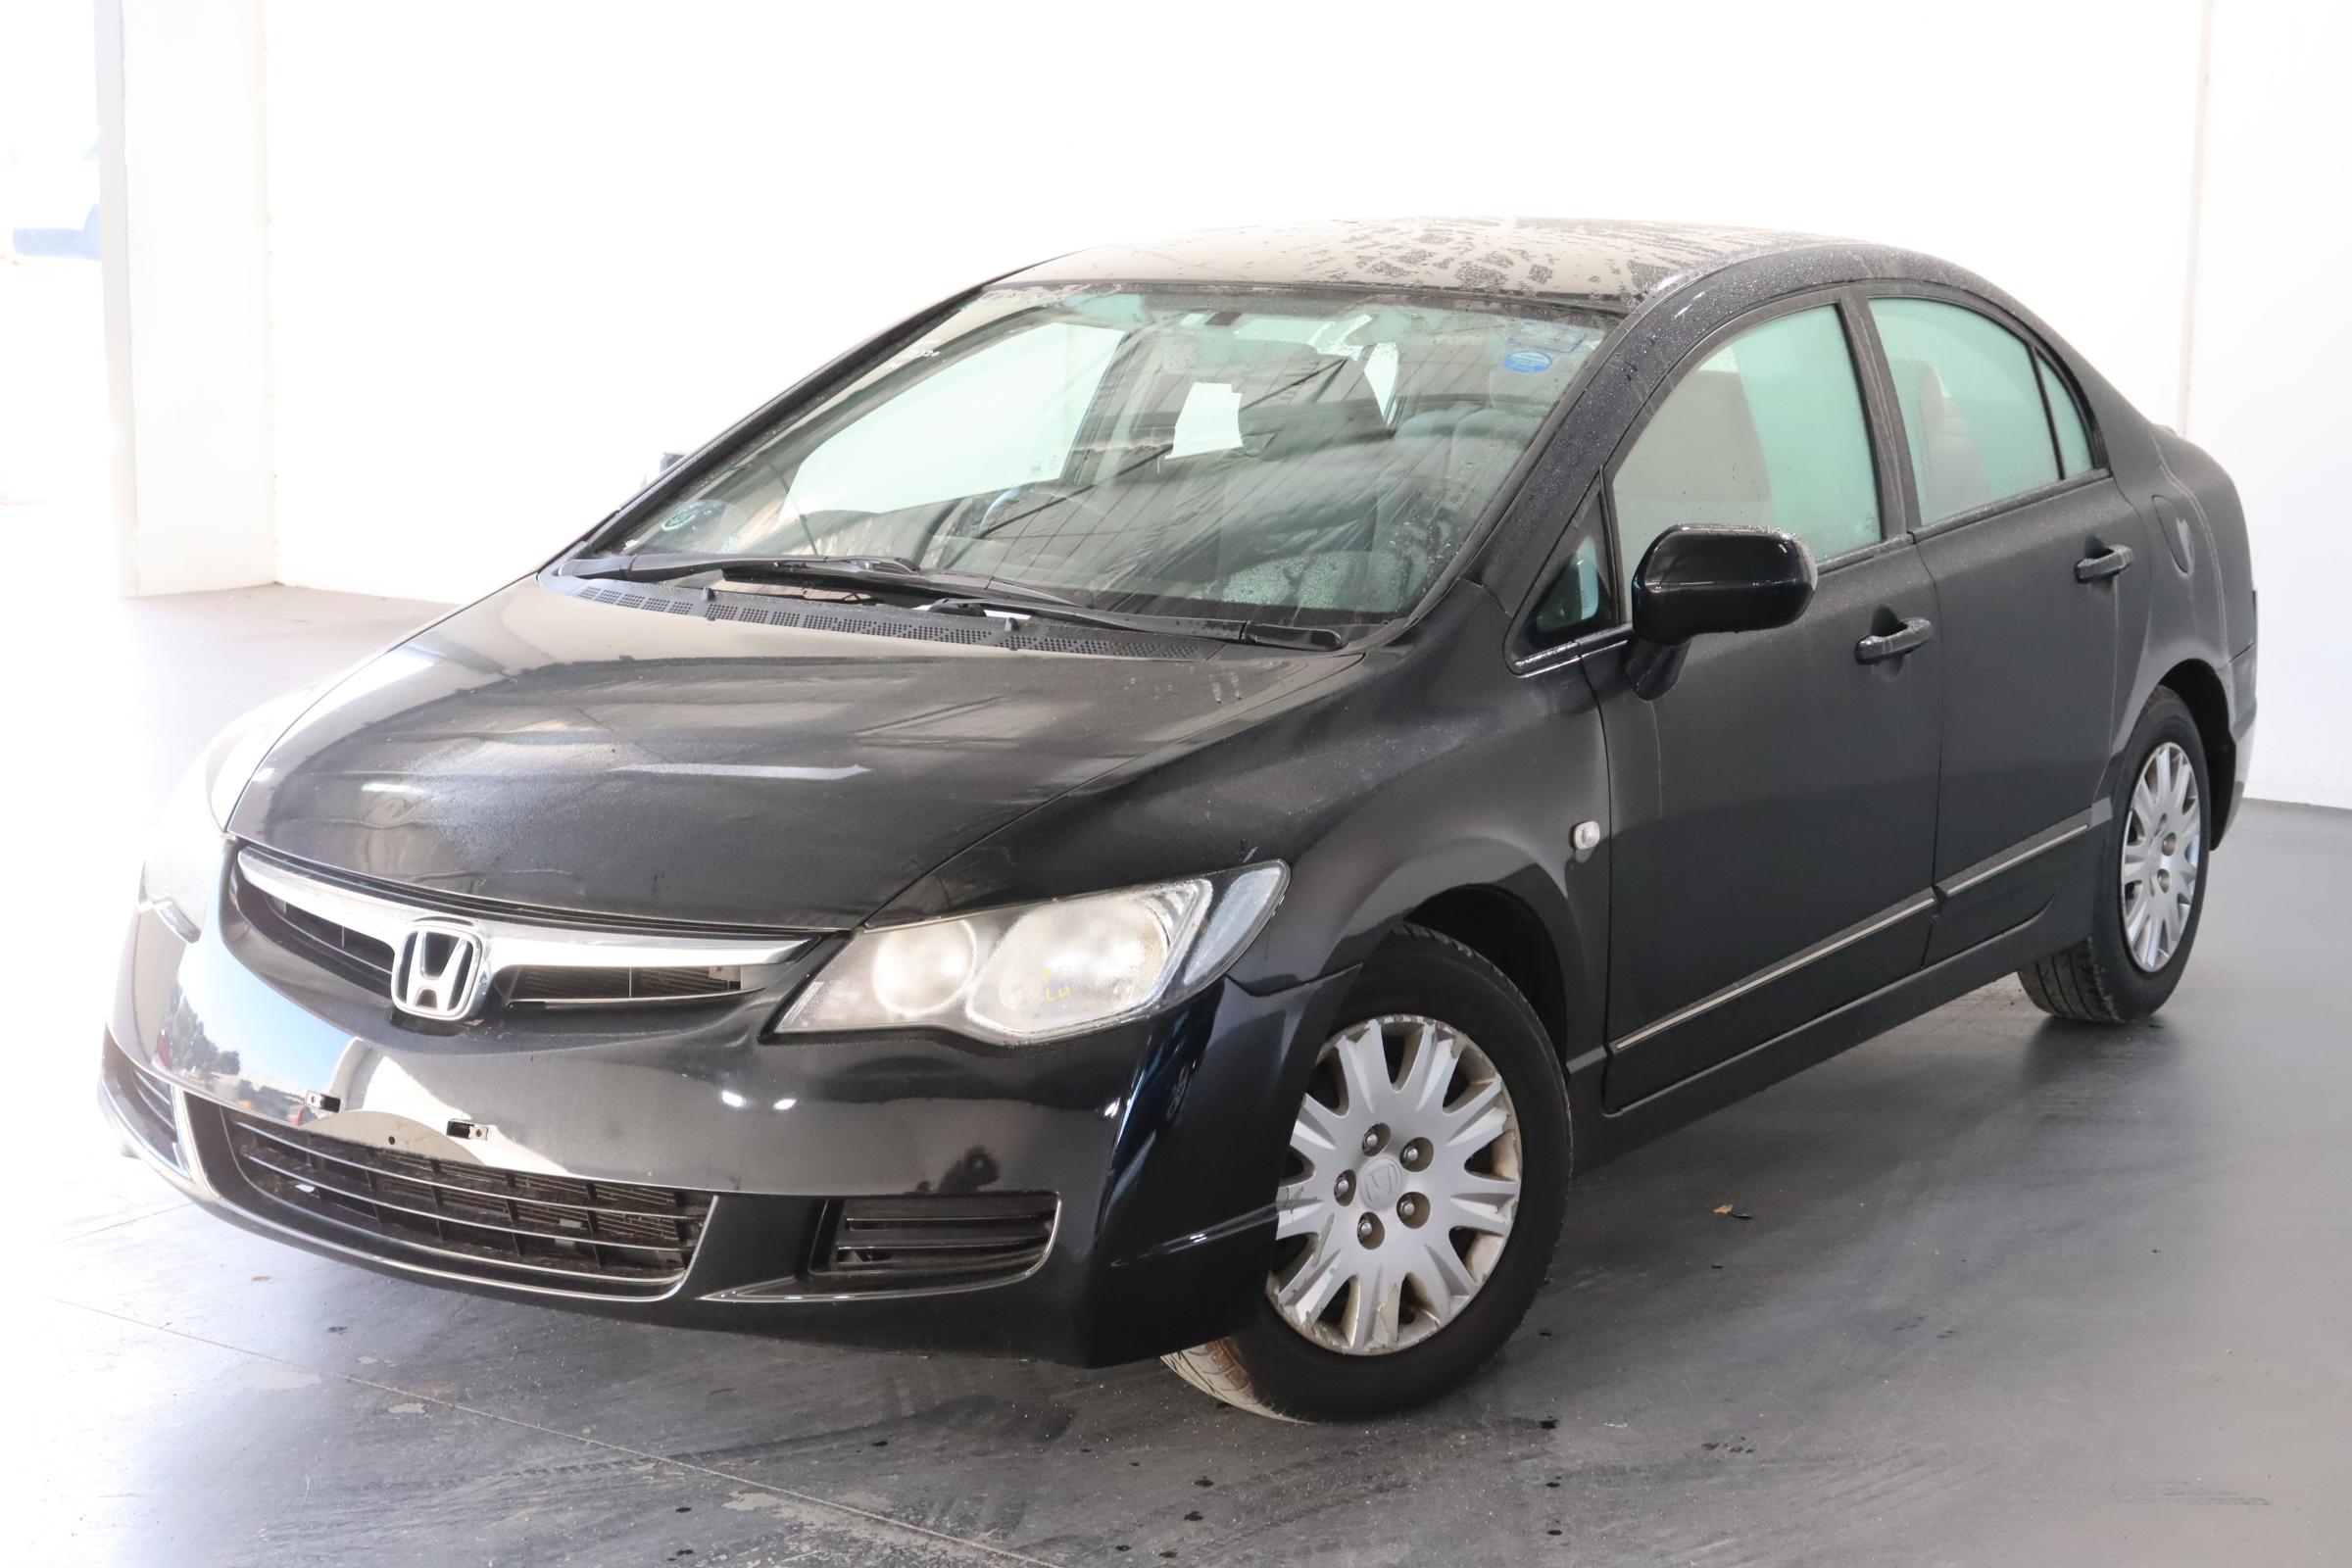 2009 Honda Civic VTI 8TH GEN Automatic Sedan WOVR+REPAIR